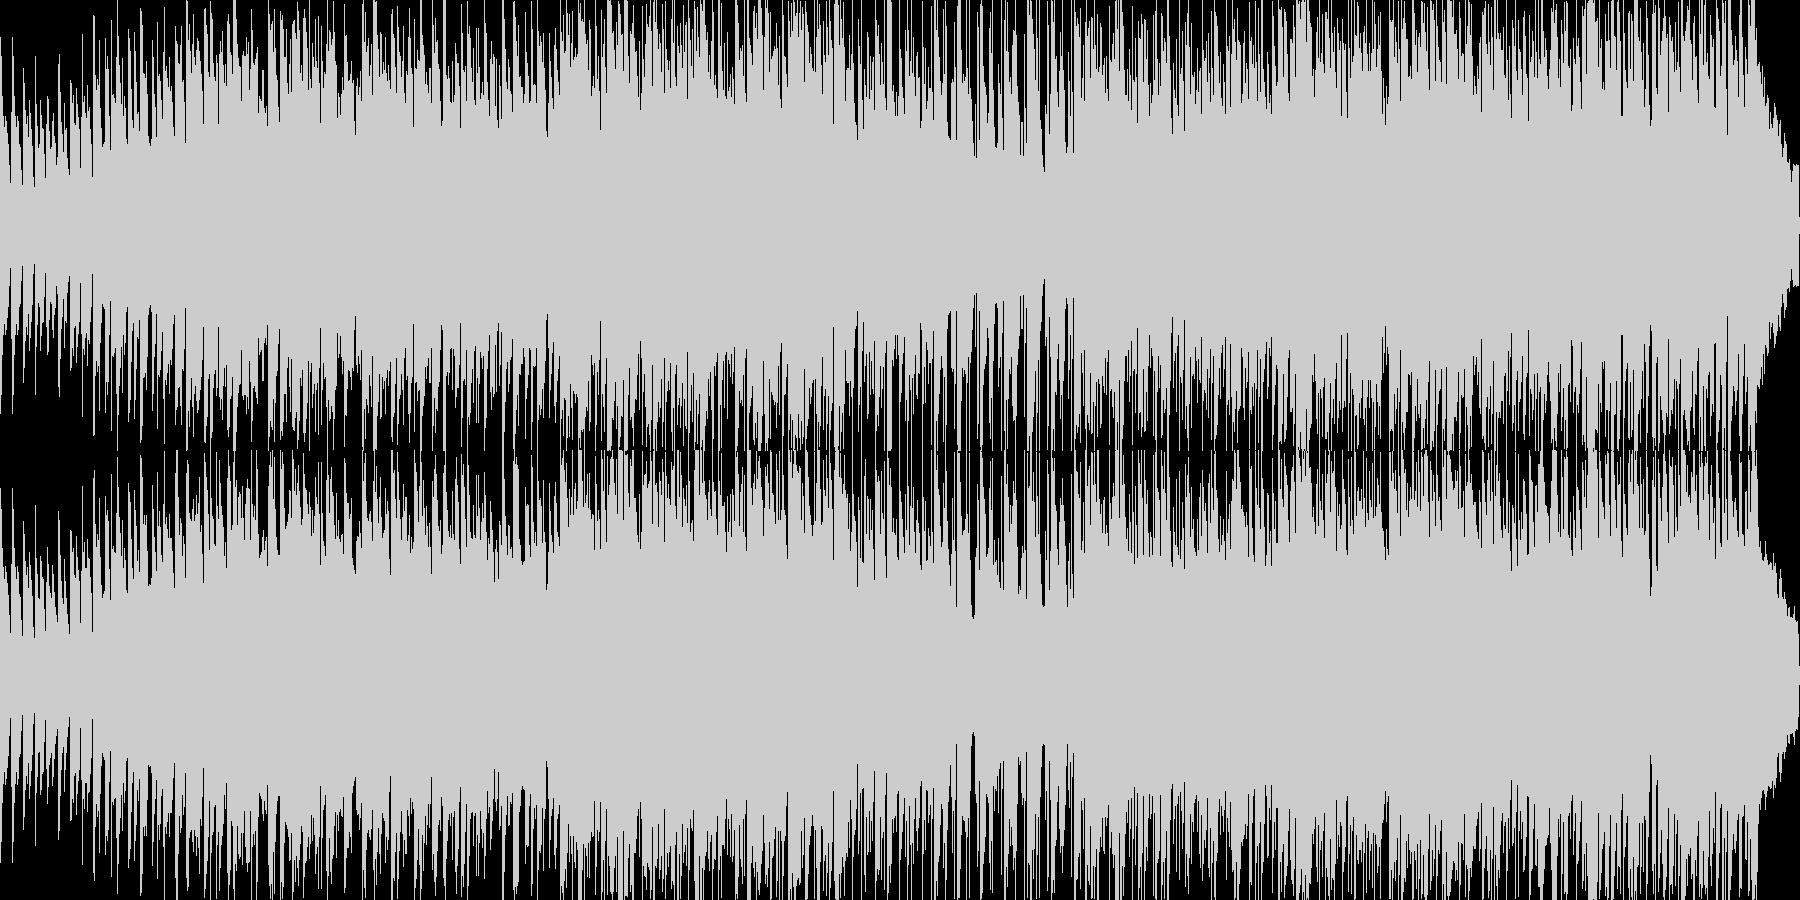 愛の挨拶/ハワイアンアレンジの未再生の波形